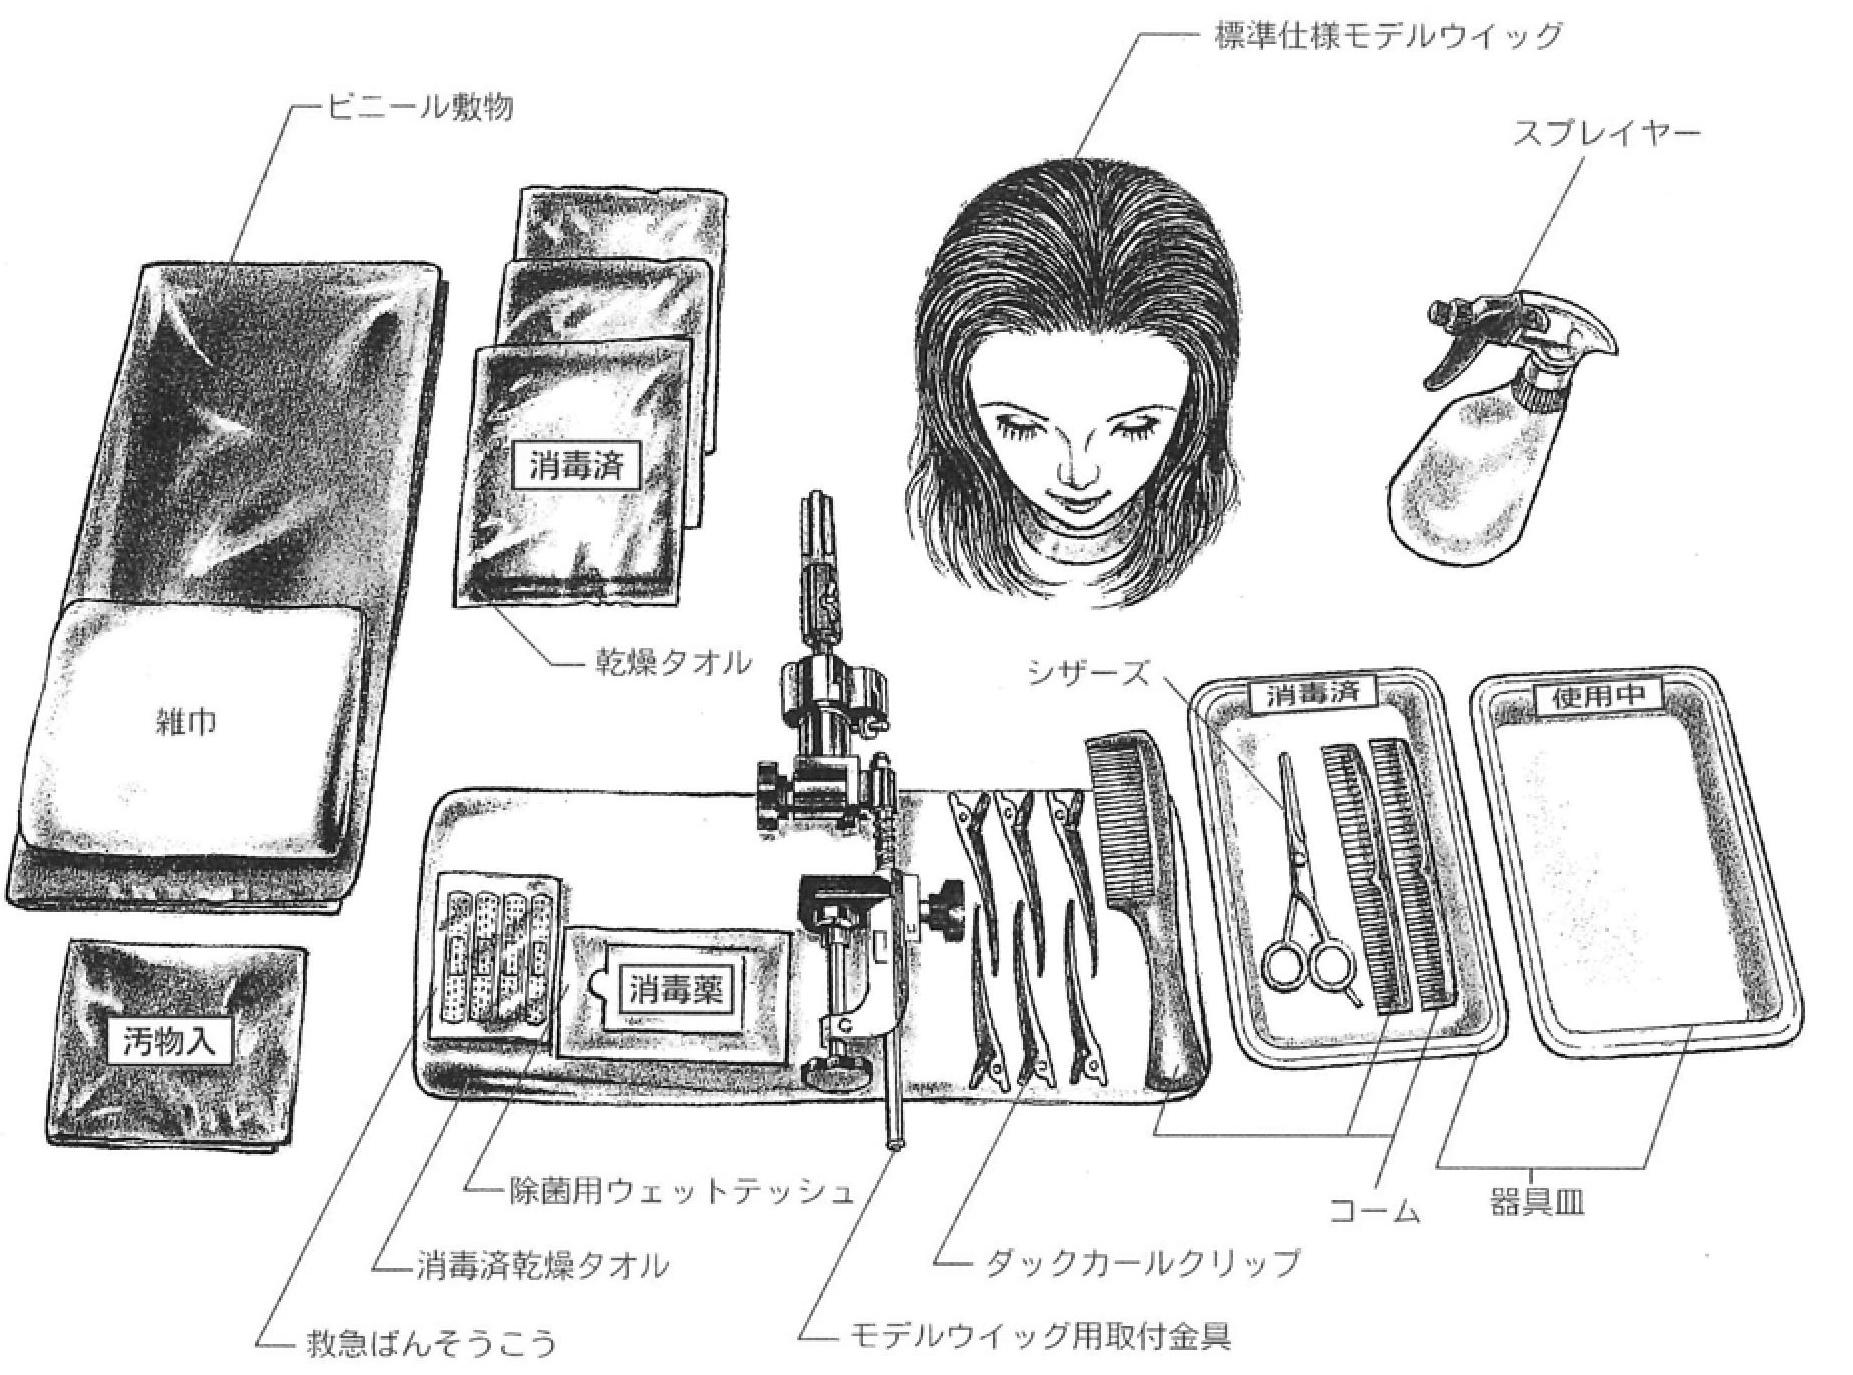 第37回美容師国家試験,レイヤースタイル,ワインディング